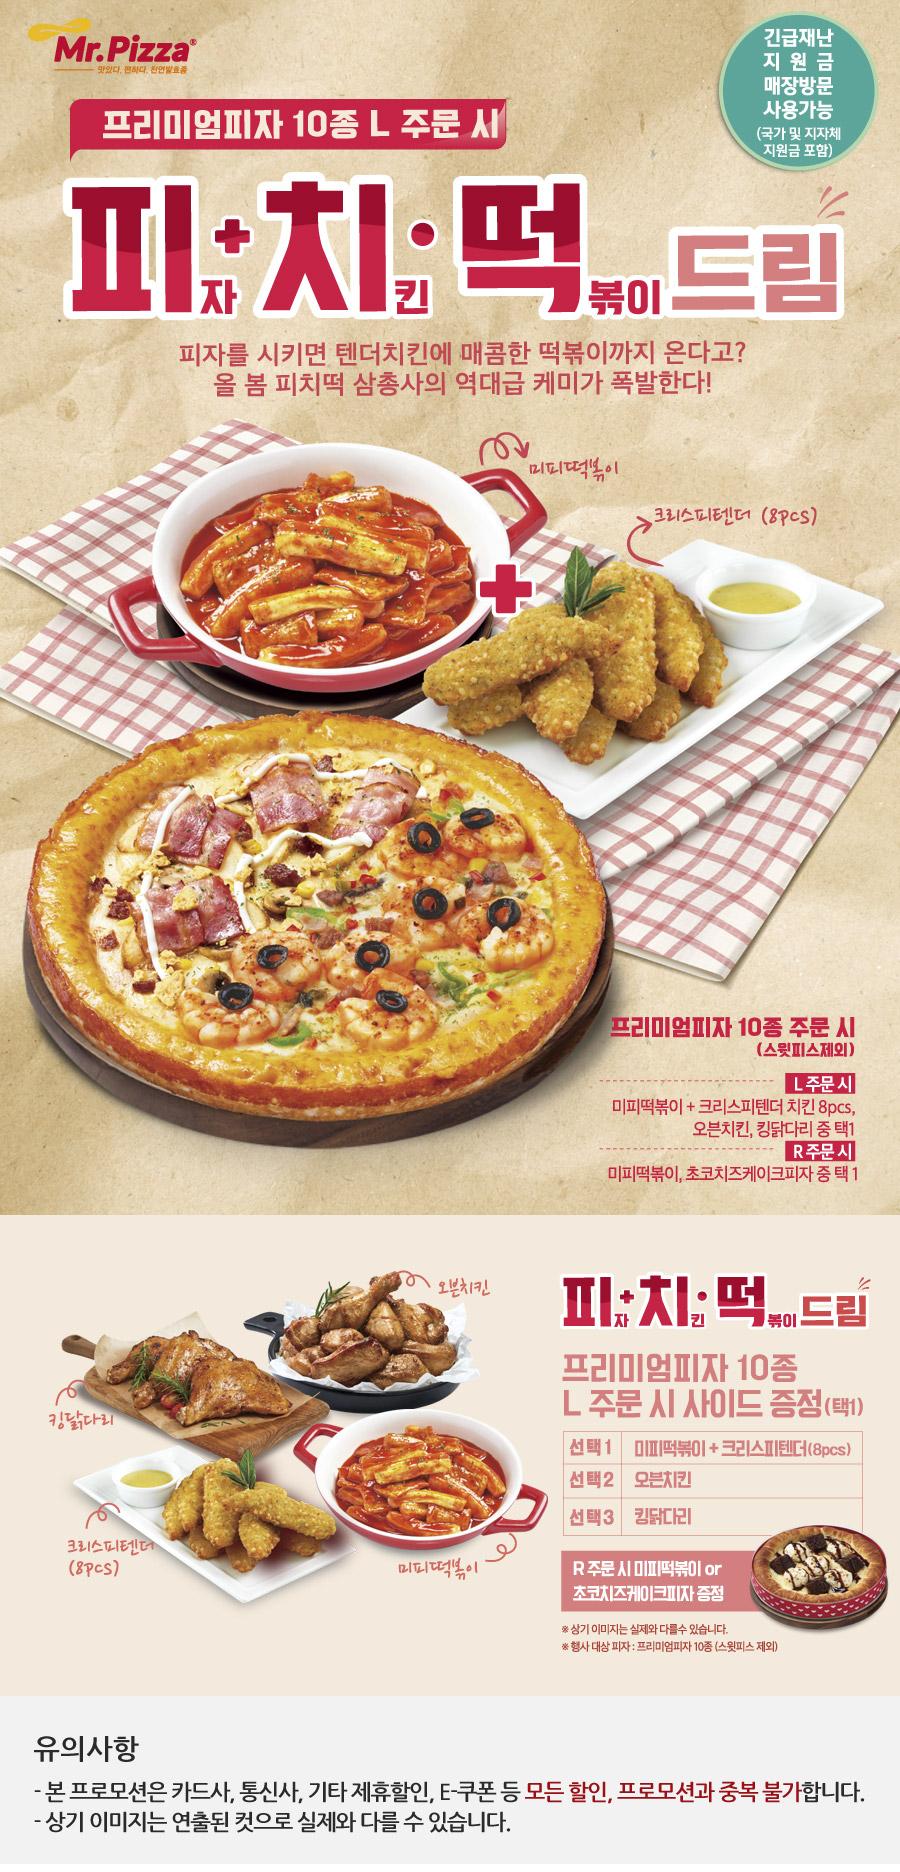 프리미엄피자 10종 L 주문 시 피치떡 드림[피자+치킨+떡복이]